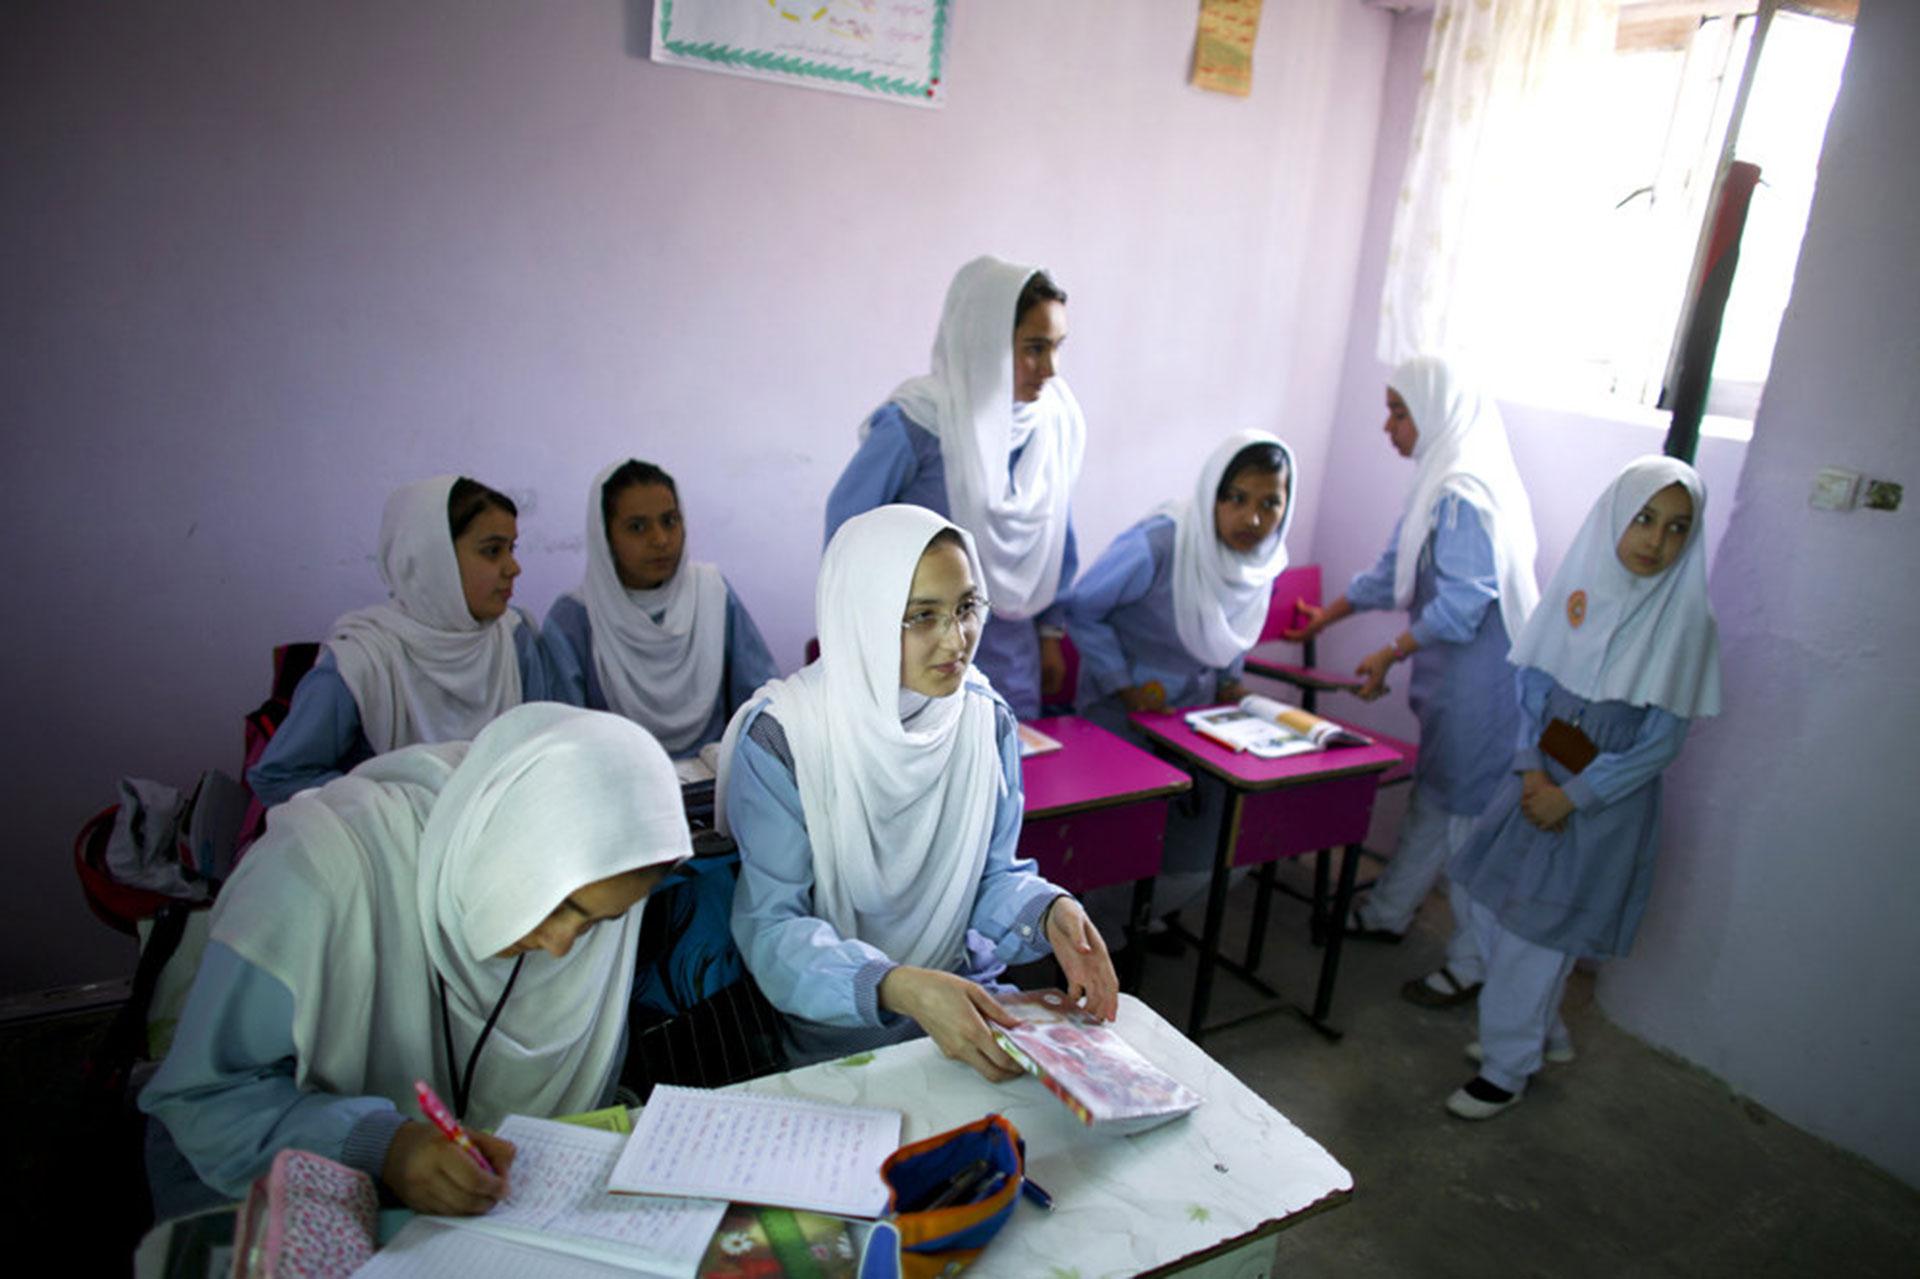 Kabul, 2015. Estas niñas tuvieron el privilegio de asistir a una escuela, a diferencia de millones de afganas que no reciben educación por ser mujeres en tierra talibana